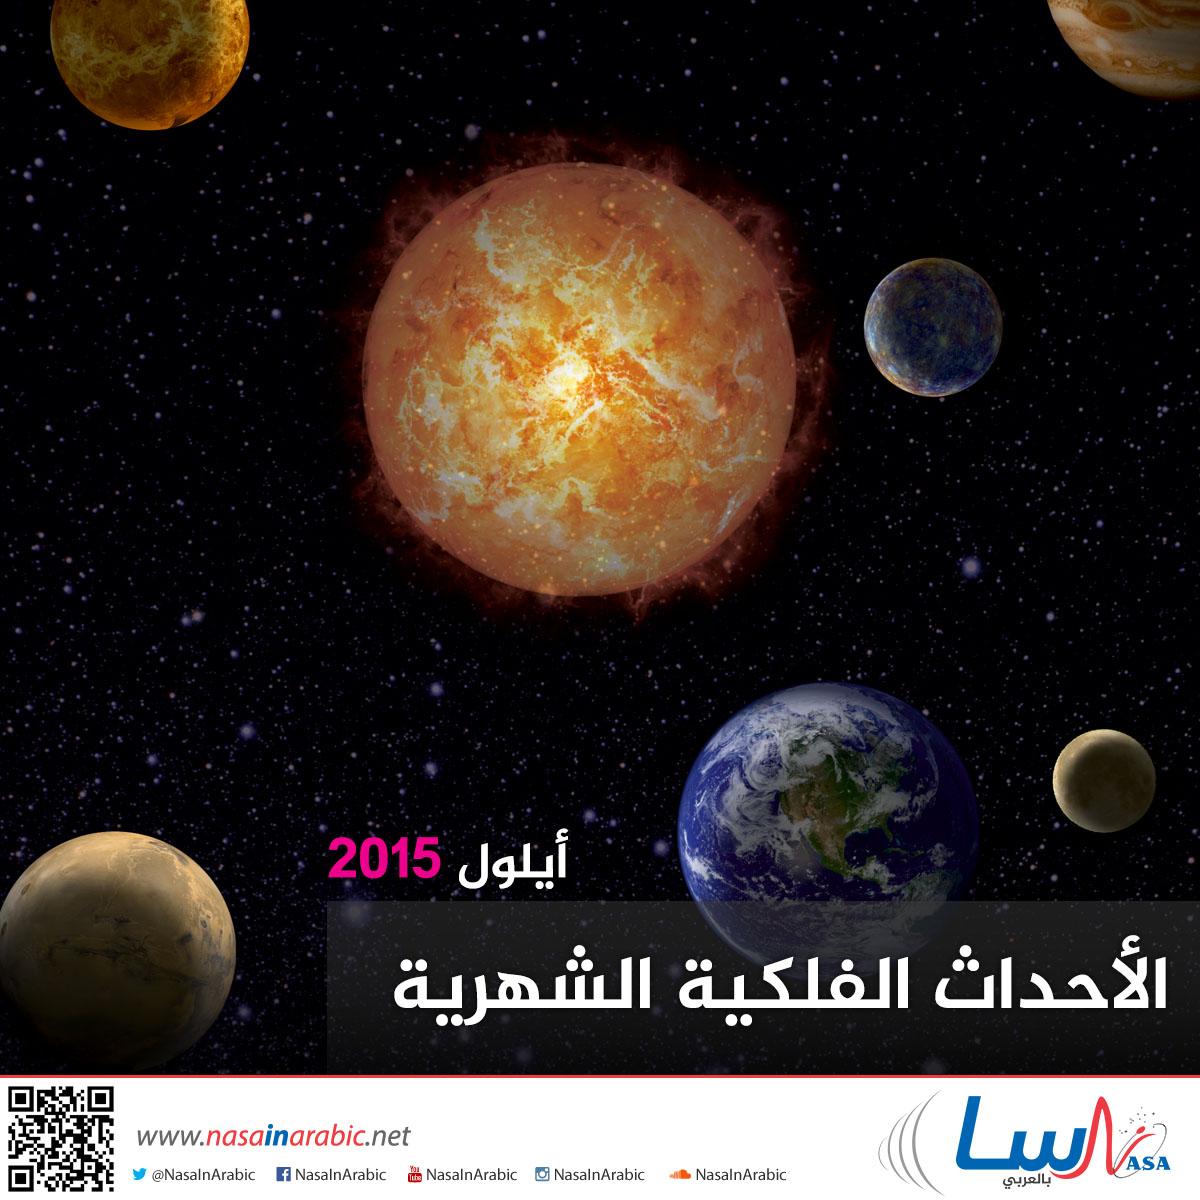 أهم الأحداث الفلكية خلال شهر أيلول/سبتمبر 2015